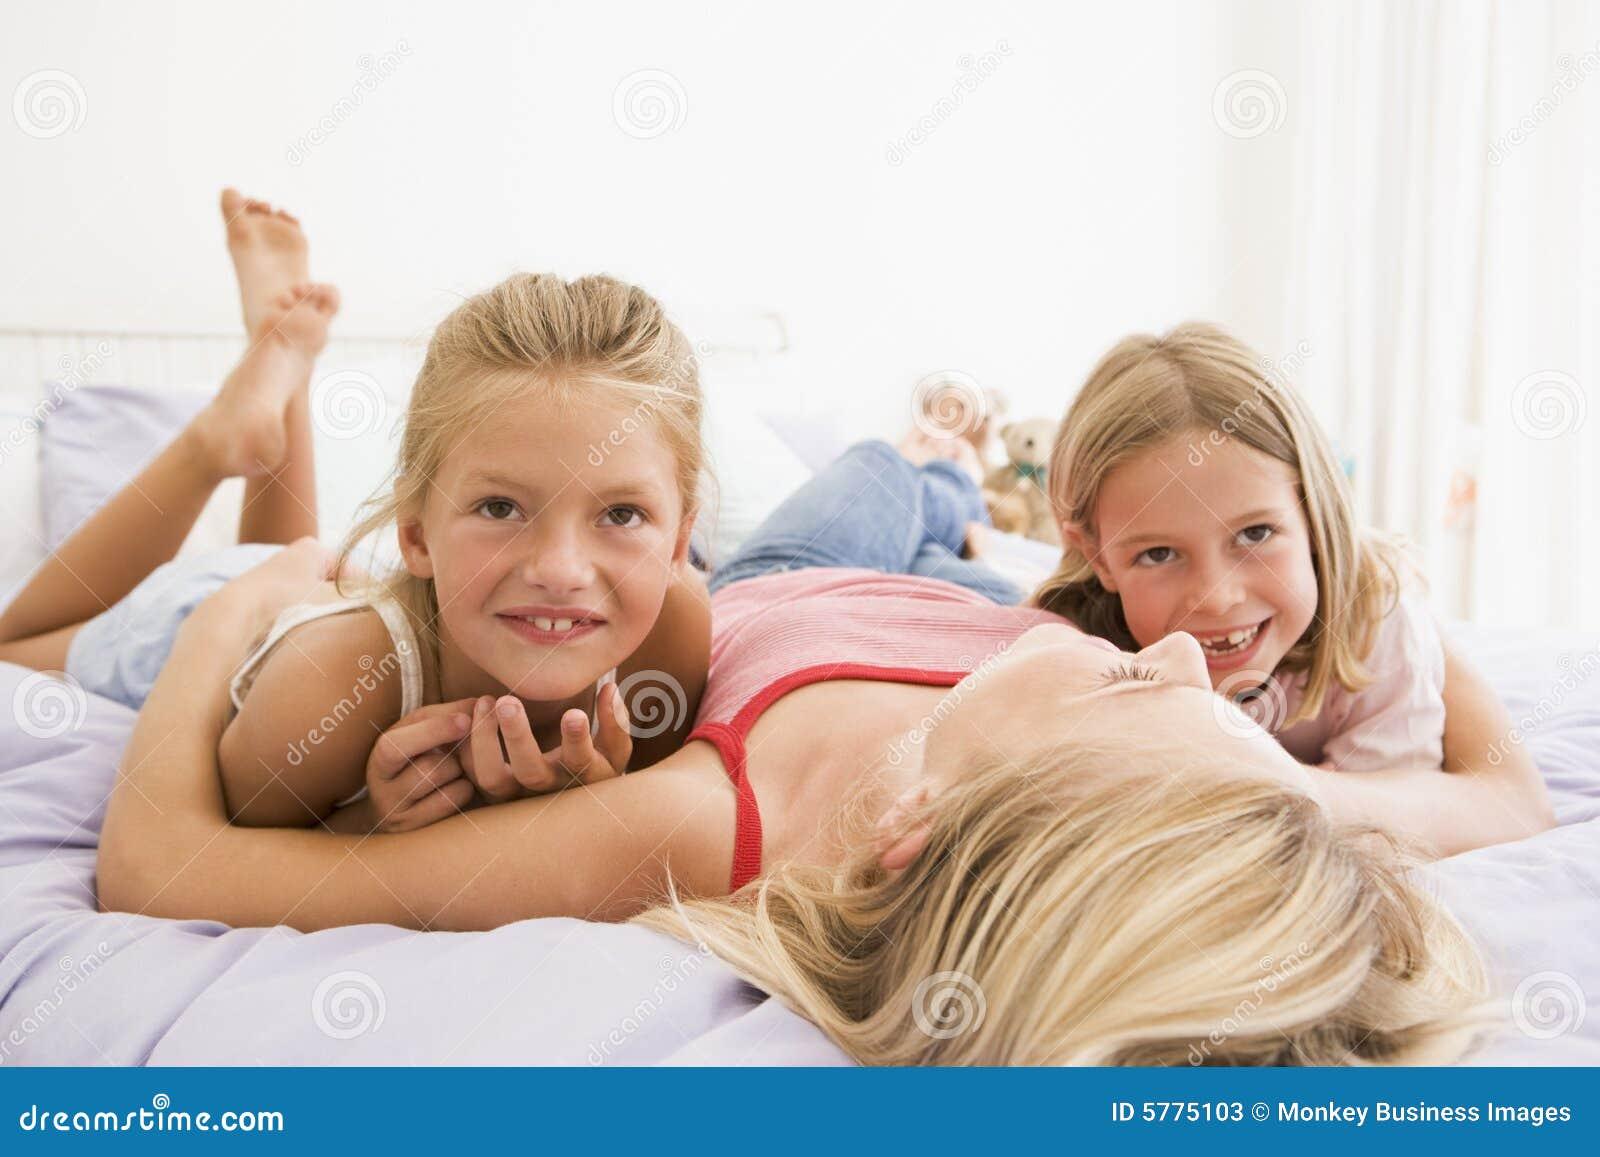 frau die im bett mit dem l cheln mit zwei jungen m dchen liegt stockfotos bild 5775103. Black Bedroom Furniture Sets. Home Design Ideas